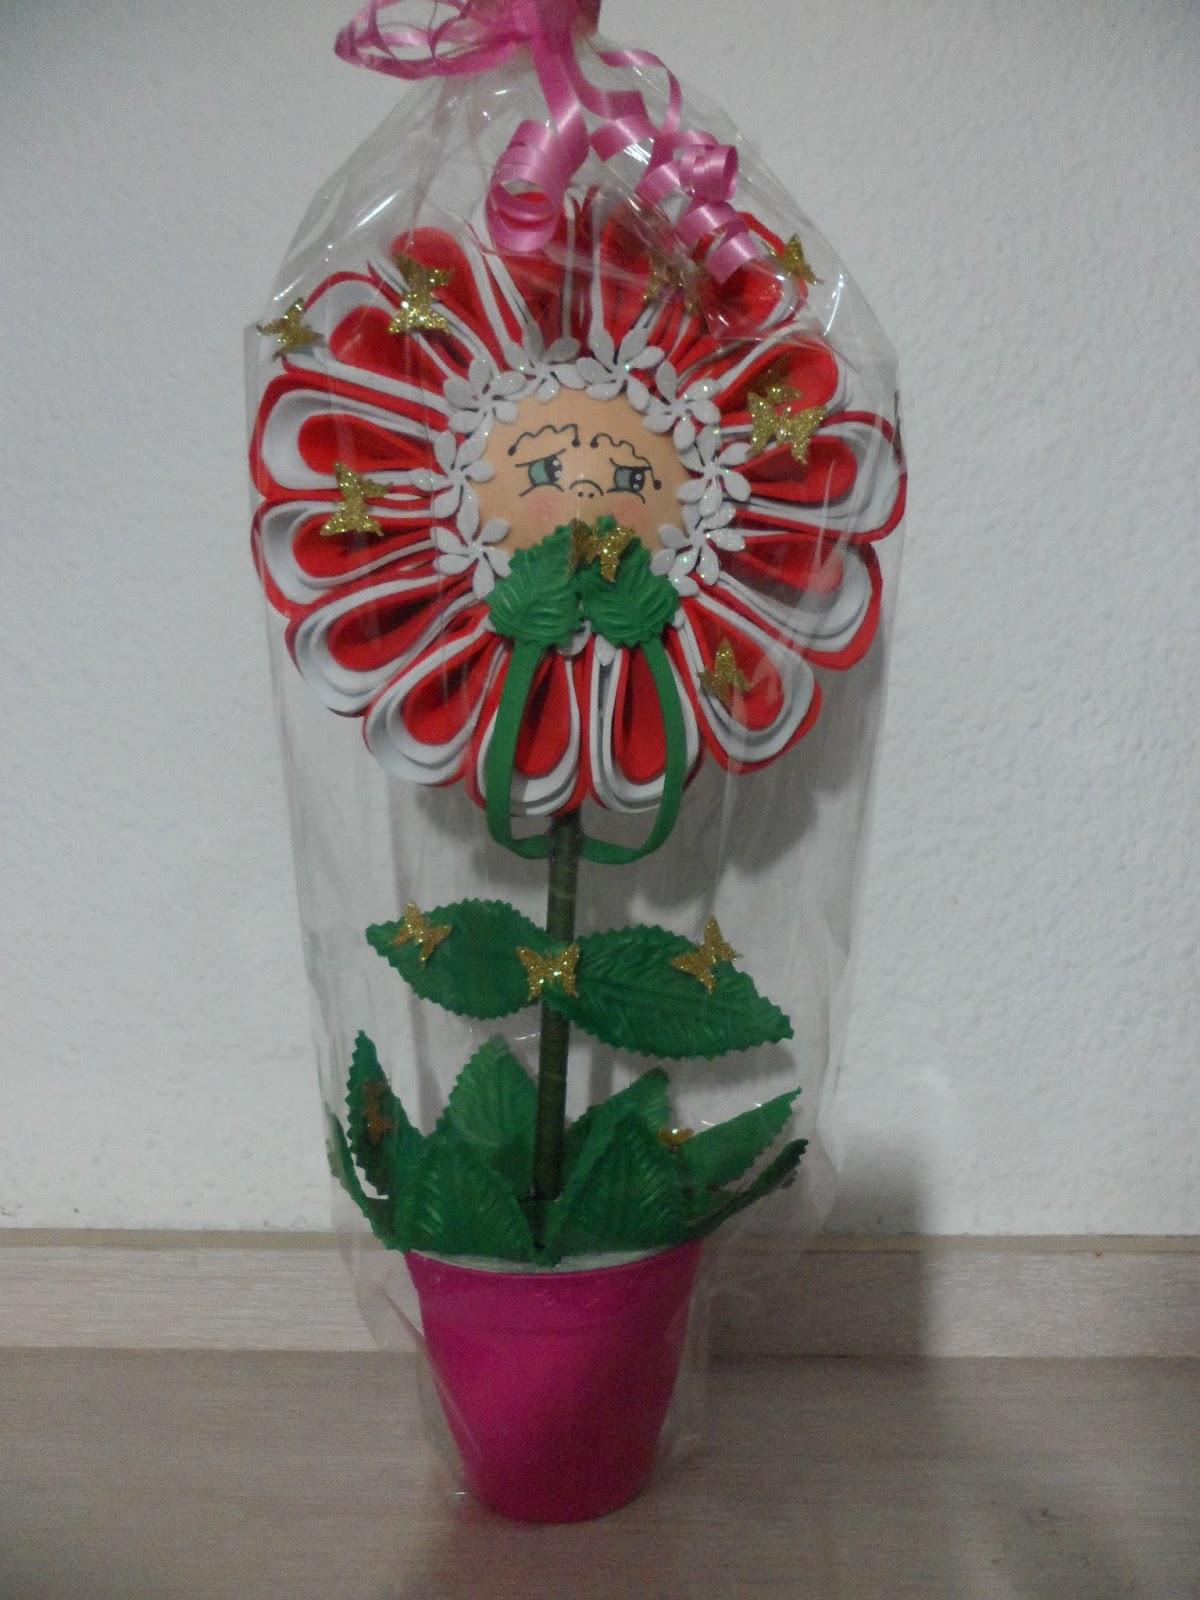 Mis manualidades flor en maceta goma eva roja y blanca - Flor de goma eva ...